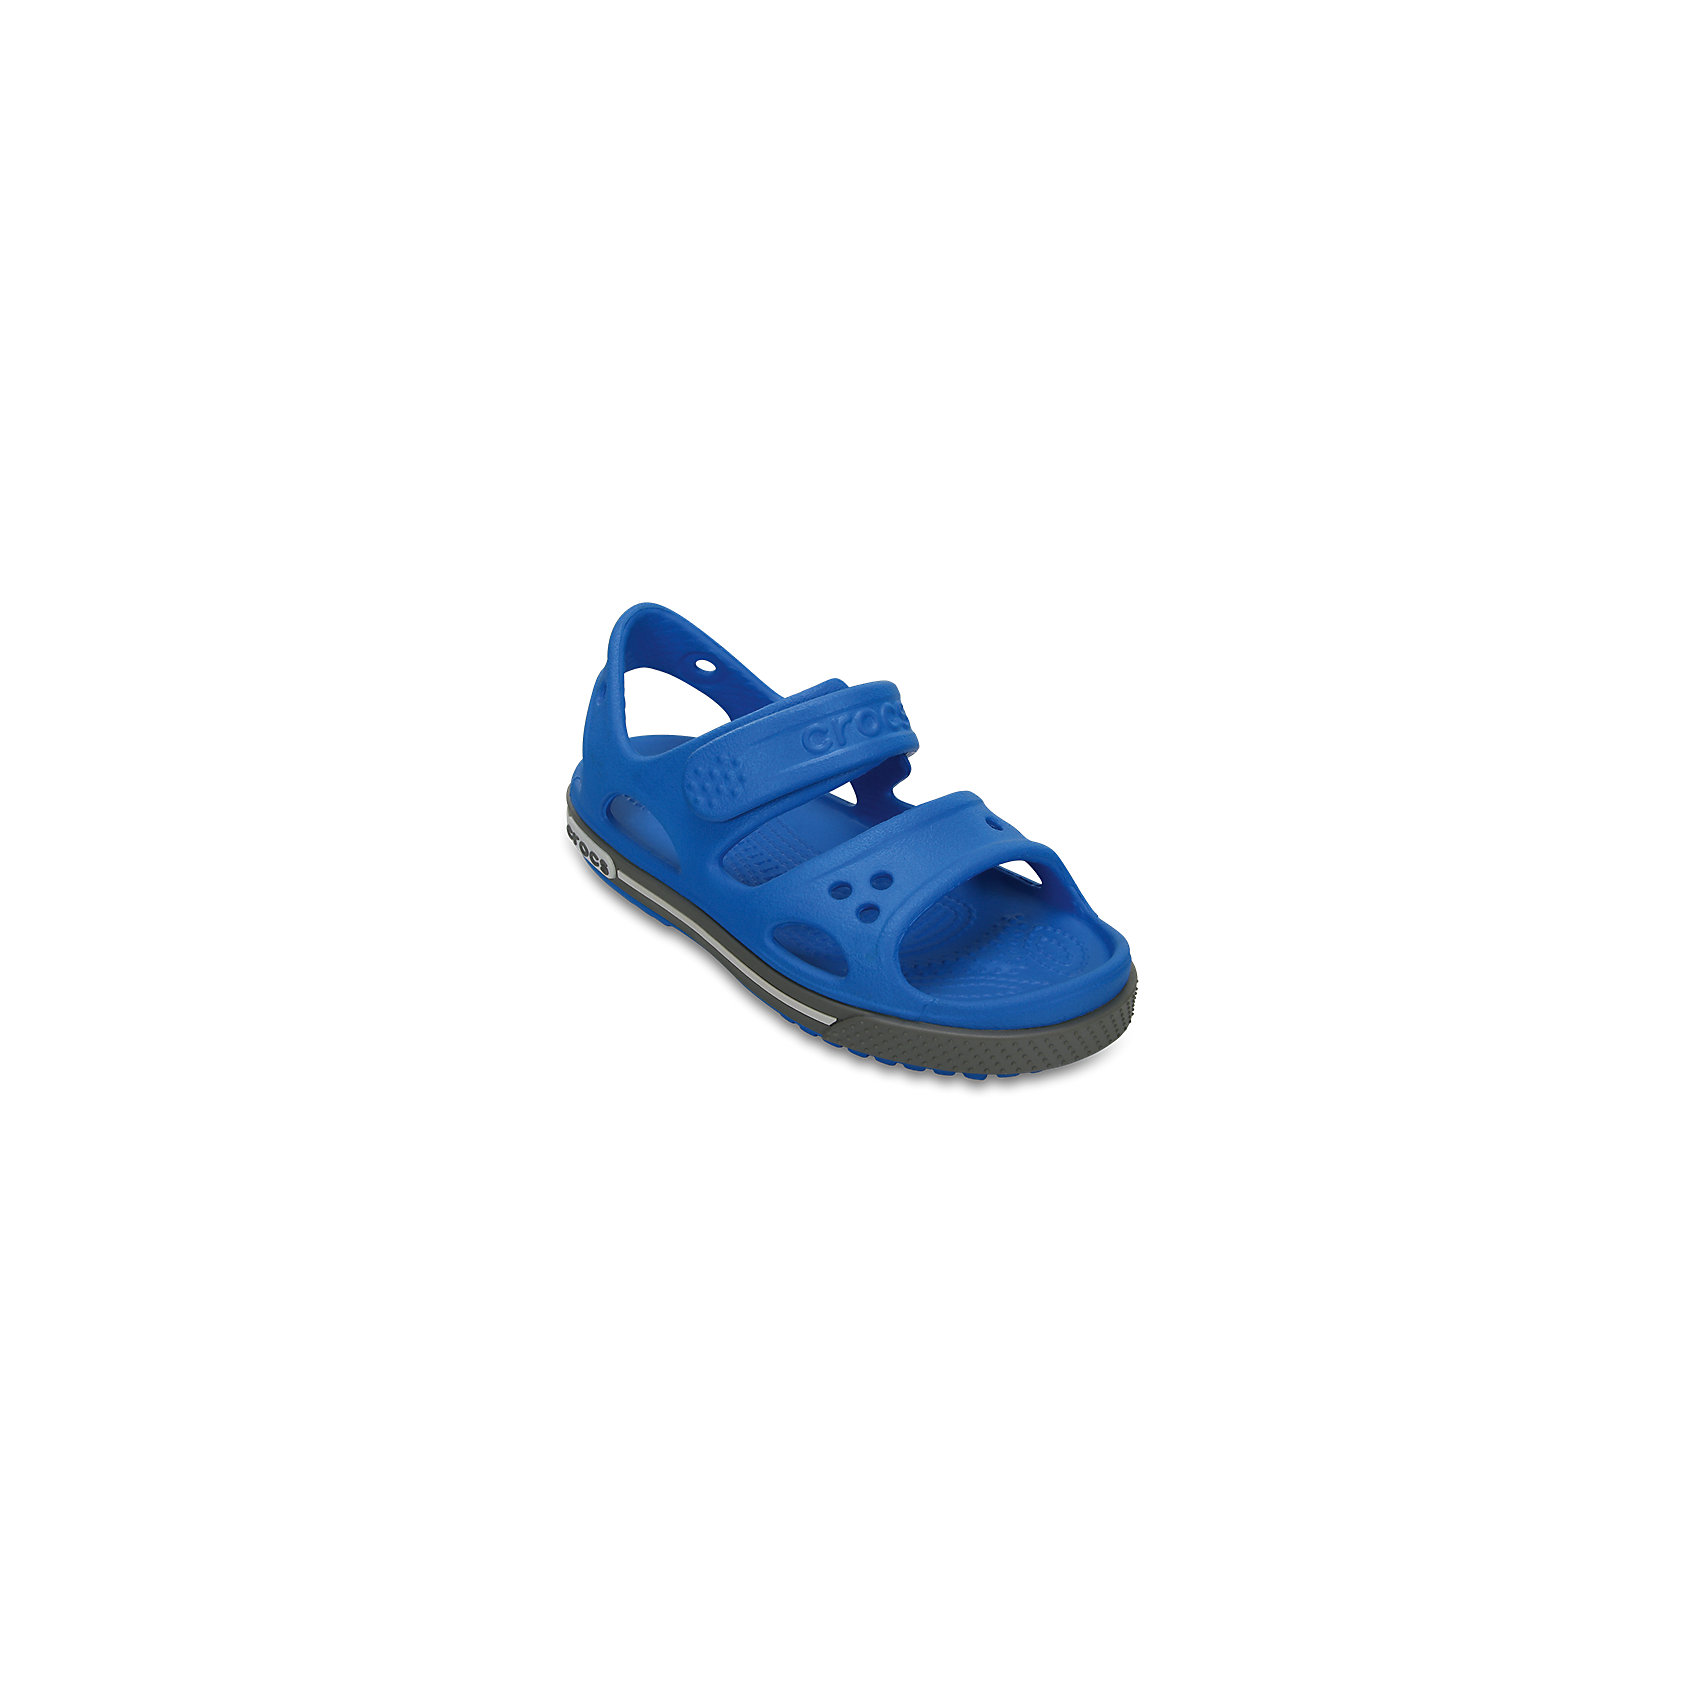 Сандалии для мальчика Kids' Crocband™ II Sandal CROCSСандалии<br>Характеристики товара:<br><br>• цвет: синий<br>• сезон: лето<br>• материал: 100% полимер Croslite™<br>• бактериостатичный материал<br>• ремешок фиксирует стопу<br>• антискользящая устойчивая подошва<br>• липучка<br>• анатомическая стелька с массажными точками<br>• страна бренда: США<br>• страна изготовитель: Китай<br><br>Для правильного развития ребенка крайне важно, чтобы обувь была удобной.<br><br>Такие сандалии обеспечивают детям необходимый комфорт, а анатомическая стелька с массажными линиями для стимуляции кровообращения позволяет ножкам дольше не уставать. <br><br>Сандалии легко надеваются и снимаются, отлично сидят на ноге. <br><br>Материал, из которого они сделаны, не дает размножаться бактериям, поэтому такая обувь препятствует образованию неприятного запаха и появлению болезней стоп. <br><br>Обувь от американского бренда Crocs в данный момент завоевала широкую популярность во всем мире, и это не удивительно - ведь она невероятно удобна. <br><br>Сандалии Kids' Crocband™ II Sandal от торговой марки Crocs можно купить в нашем интернет-магазине.<br><br>Ширина мм: 219<br>Глубина мм: 154<br>Высота мм: 121<br>Вес г: 343<br>Цвет: синий<br>Возраст от месяцев: 60<br>Возраст до месяцев: 72<br>Пол: Мужской<br>Возраст: Детский<br>Размер: 29,34/35,27,28,30,21,22,23,24,25,26,31/32,33/34<br>SKU: 5416619